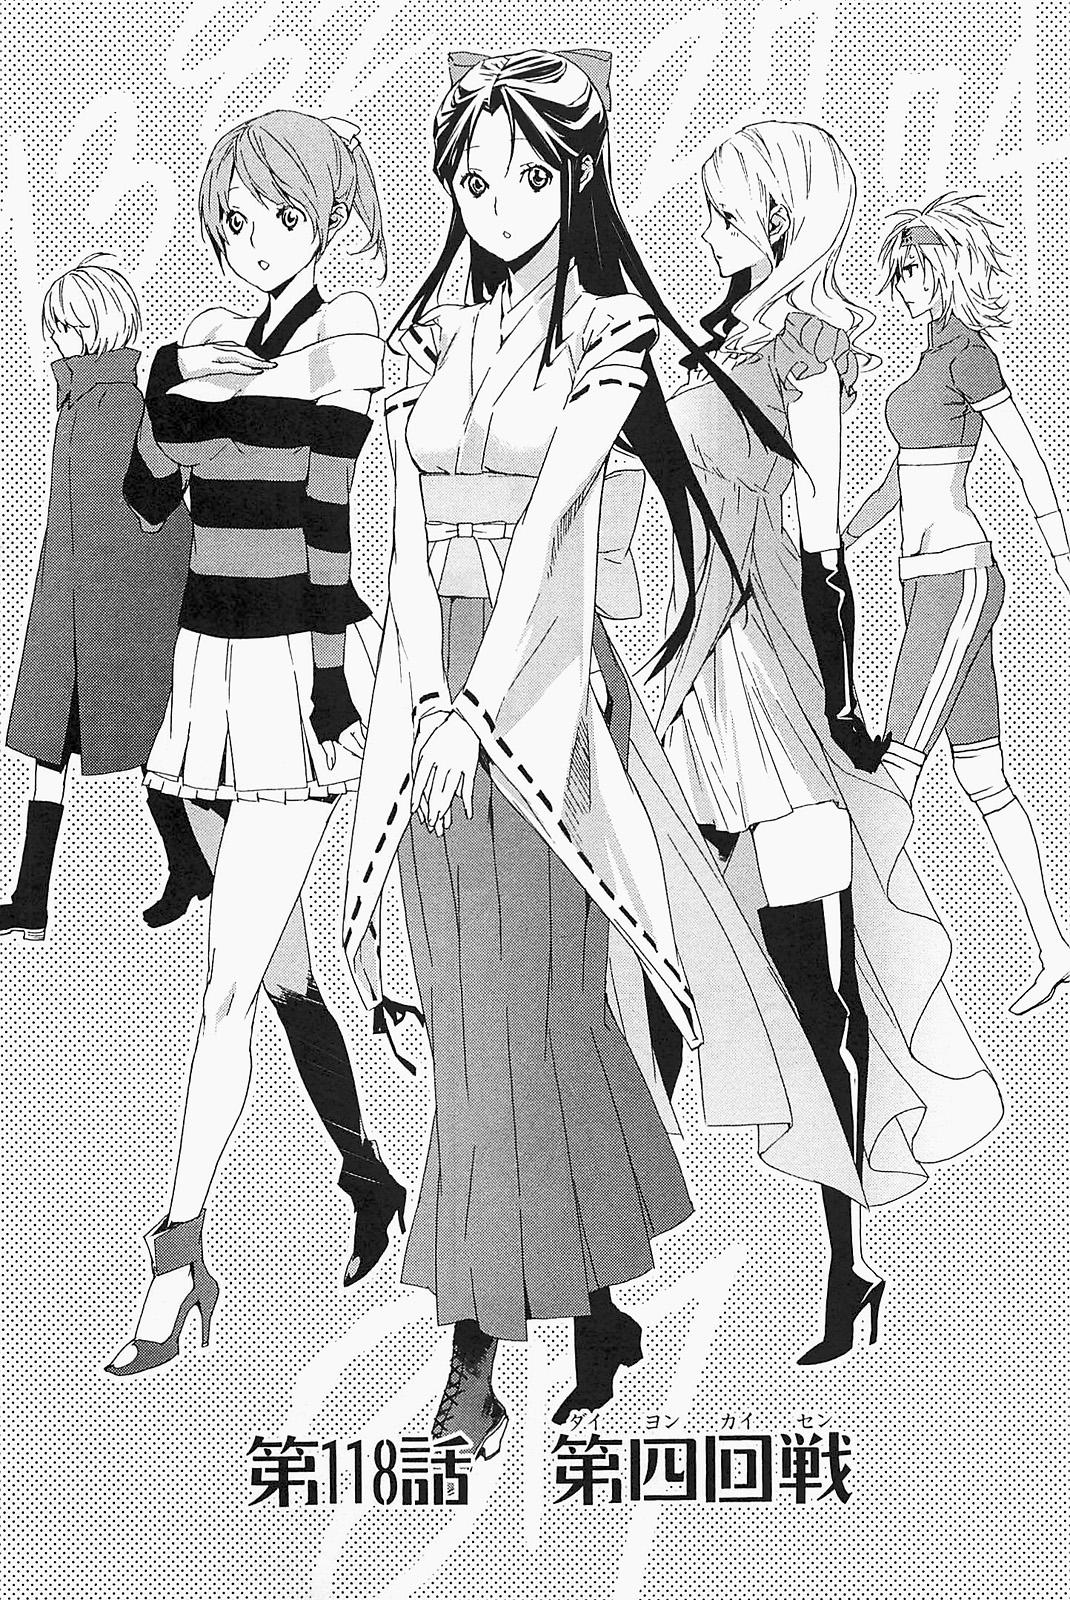 Sekirei manga chapter 118.jpg